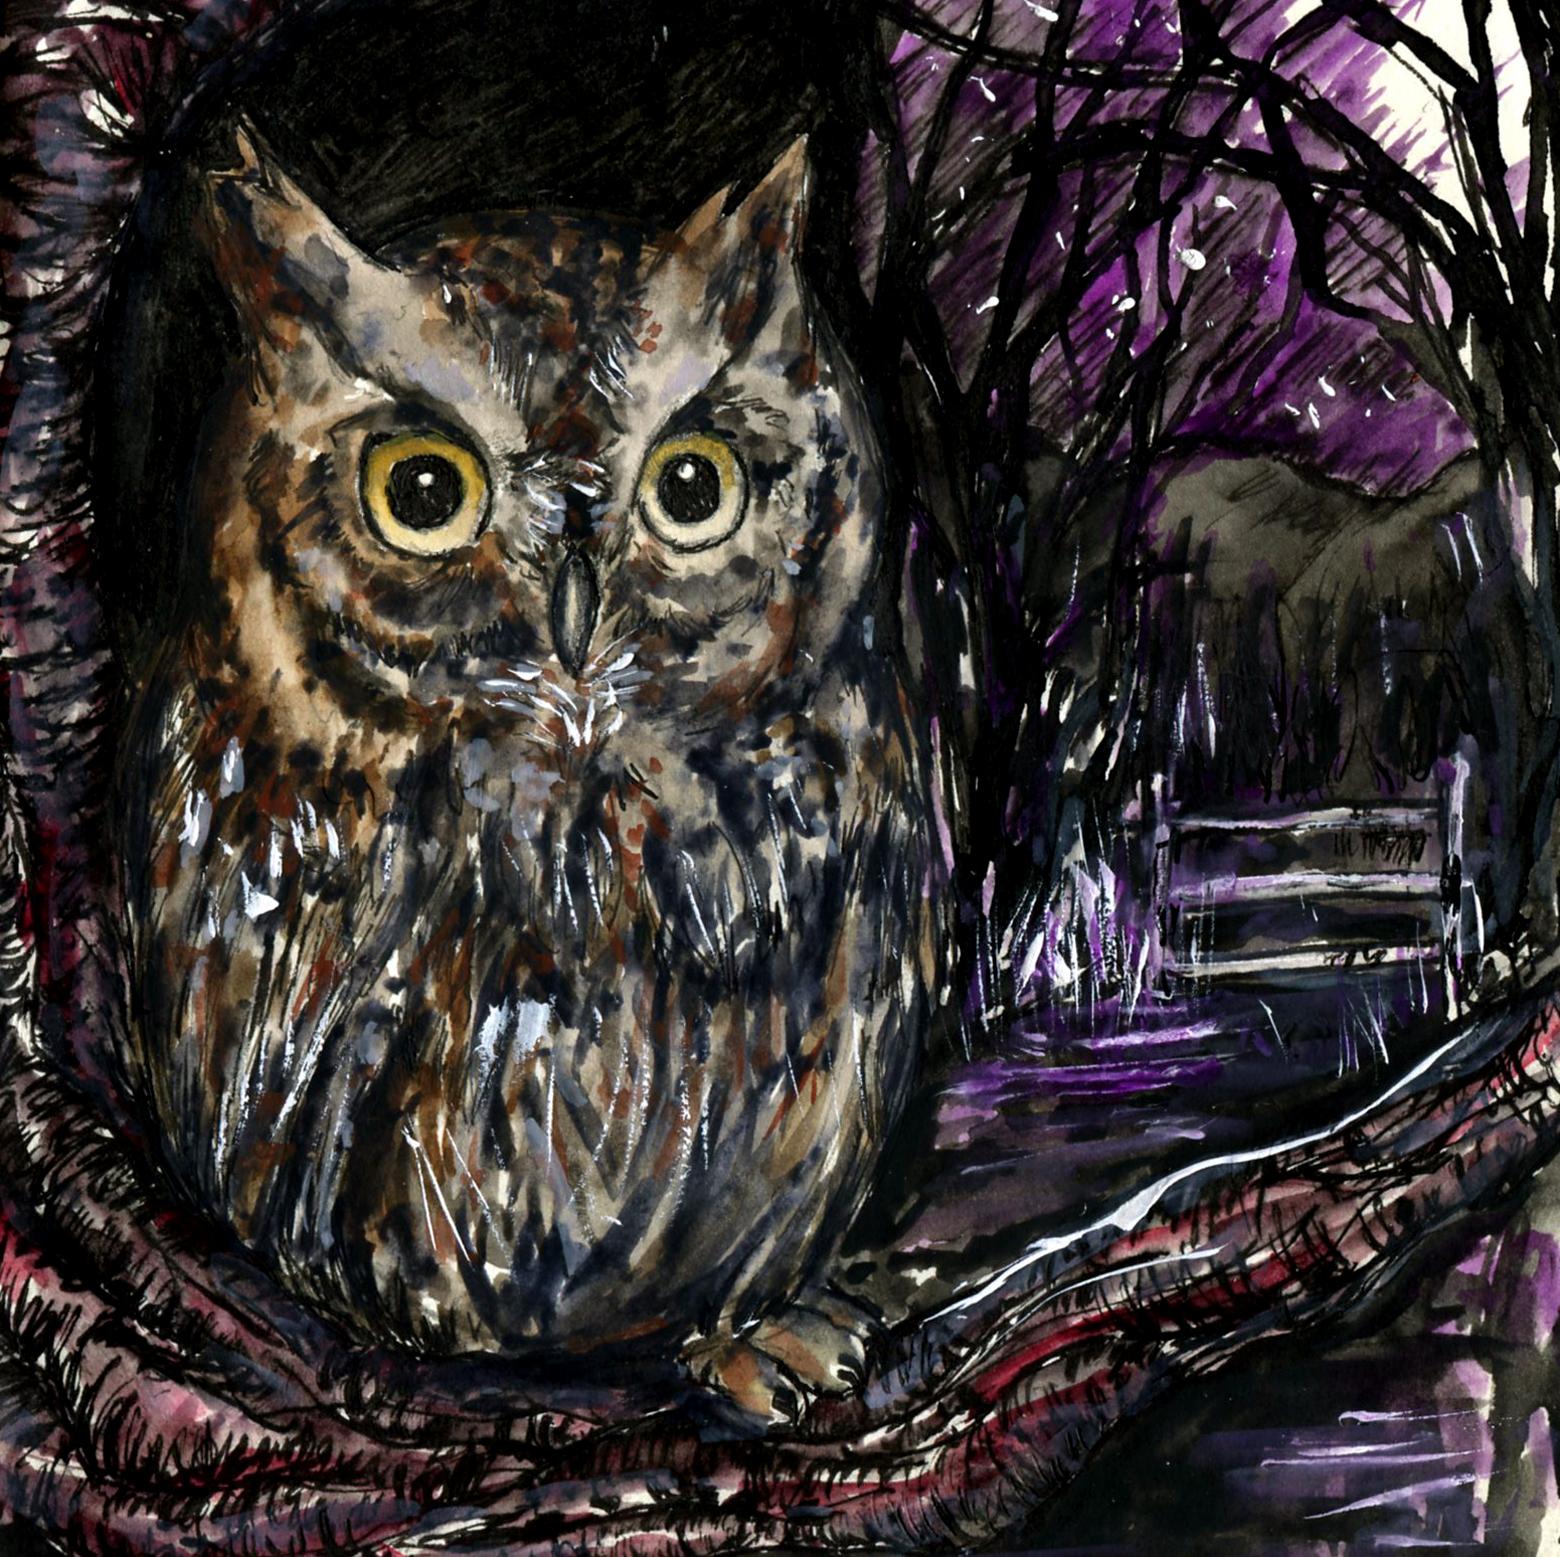 107. Eastern Screech Owl